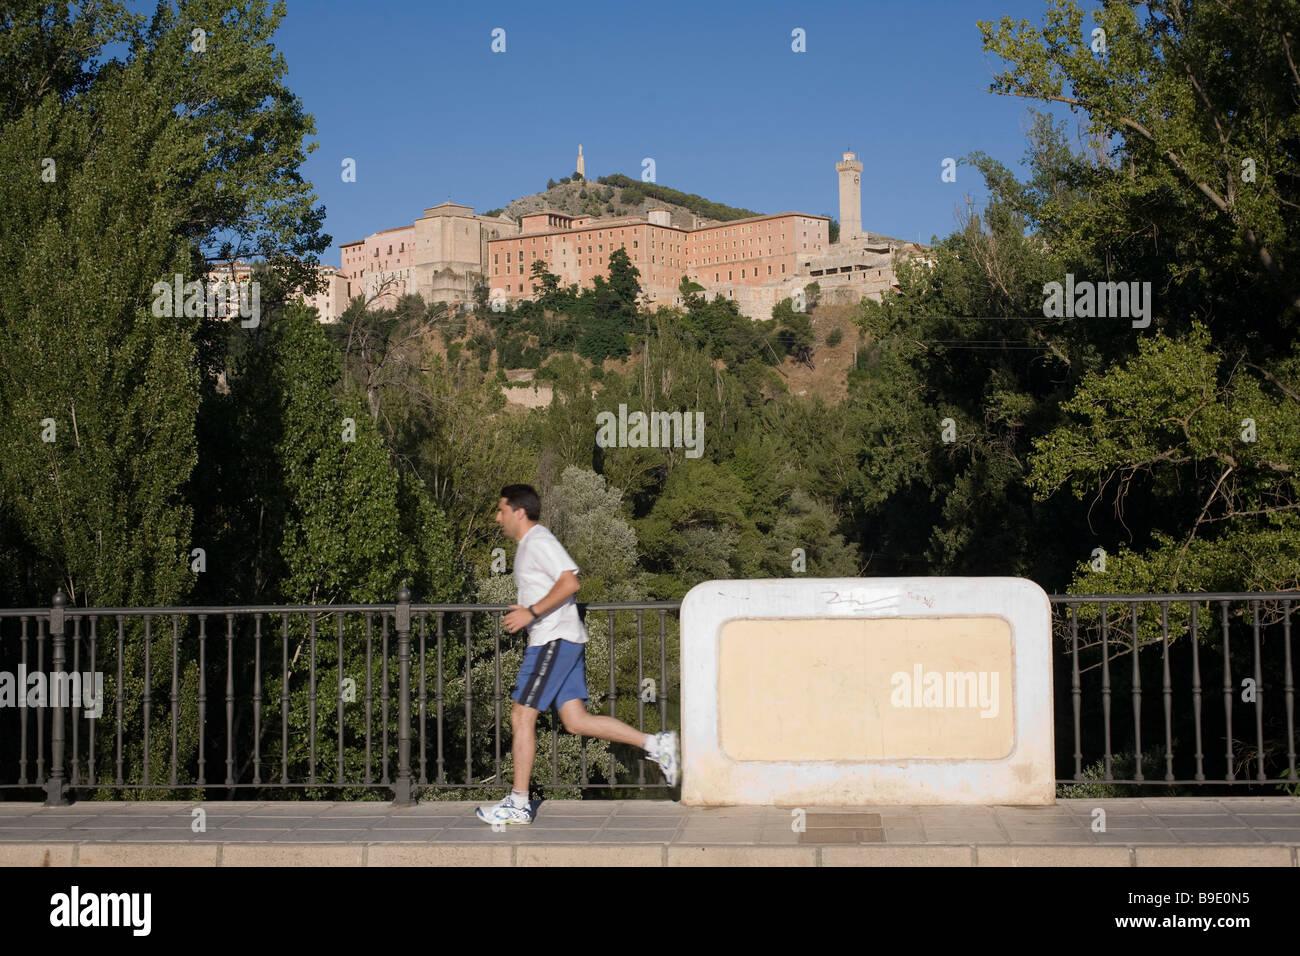 Cuenca Castilla-La Mancha Spain - Stock Image